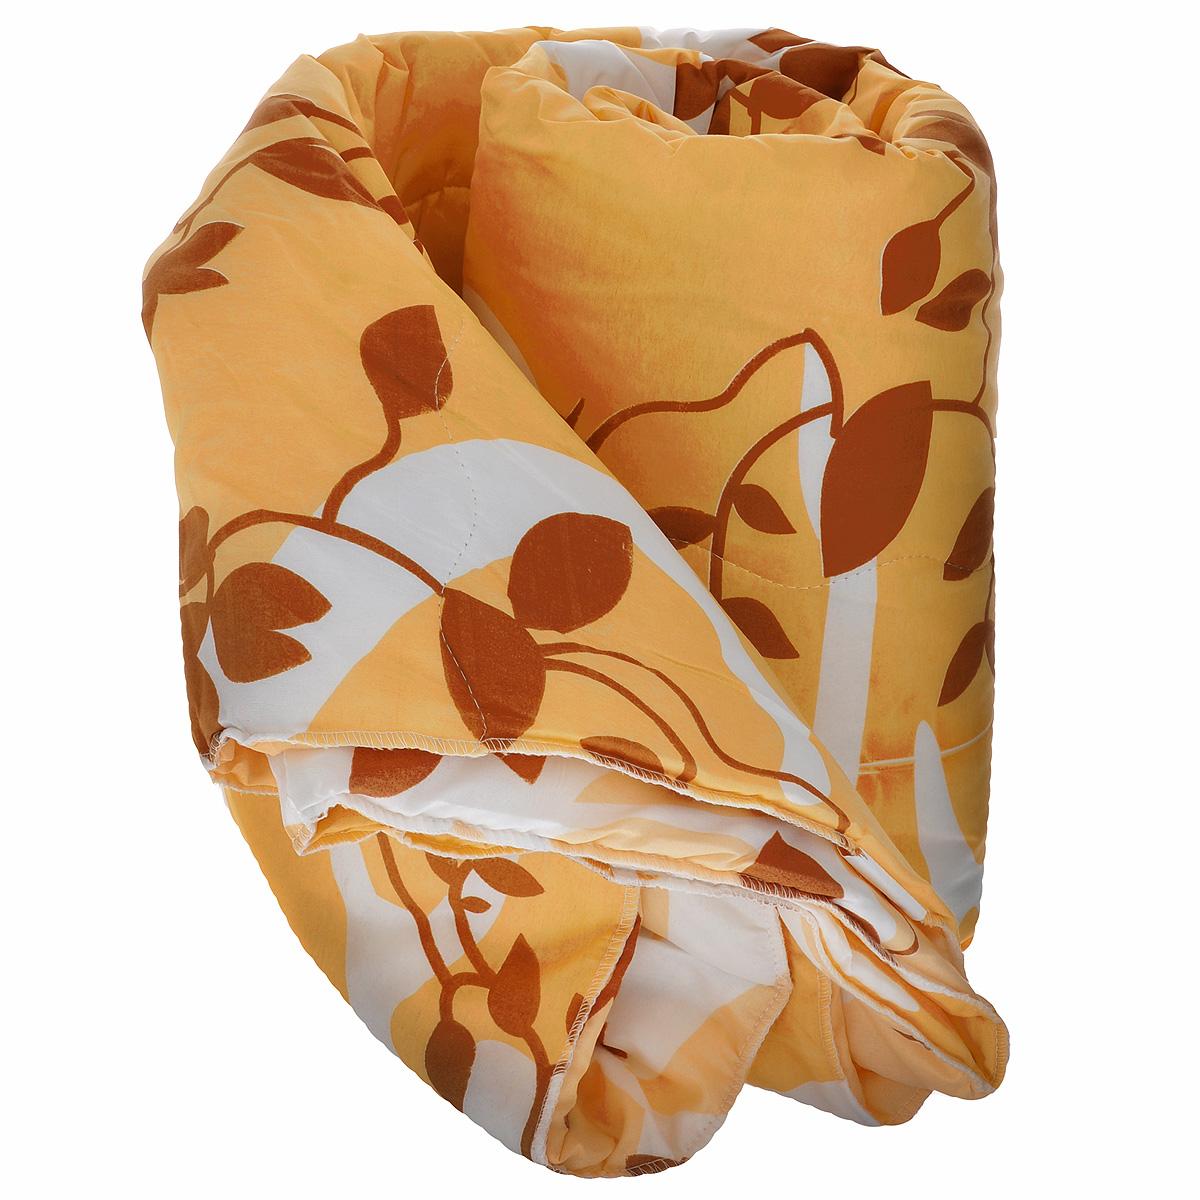 Одеяло Ник Мечта, наполнитель: термофайбер, цвет: желтый, 170 х 205 см531-103Одеяло Ник приятно удивит вас и создаст атмосферу тепла и комфорта в вашем доме. Одеяло изготовлено из полиэстера, а наполнителем является термофайбер.Термофайбер - нетканое полотно, состоящее из полого полиэфирного силиконизированного и легкоплавкого волокон. Полое силиконизированное полиэфионое волокно - это великолепный современный наполнитель для постельных принадлежностей. Соединяясь между собой, волокна образуют упругую пружинистую структуру. Благодаря ей наполнитель удерживает тепло в холодную погоду и не препятствует свободной циркуляции воздуха для удаления влаги в жаркую погоду. Наполнитель не сваливается и не приминается, великолепно сохраняя форму даже после многократных стирок и сушек, подходит людям, страдающим аллергией на пух и перья.Свойства термофайбера: - отличные теплоизоляционные свойства; - воздухопроницаемость; - гипоаллергенность; - простой и легкий уход; - быстро высыхает и восстанавливает объем после стирки. Размер: 170 см х 205 см.